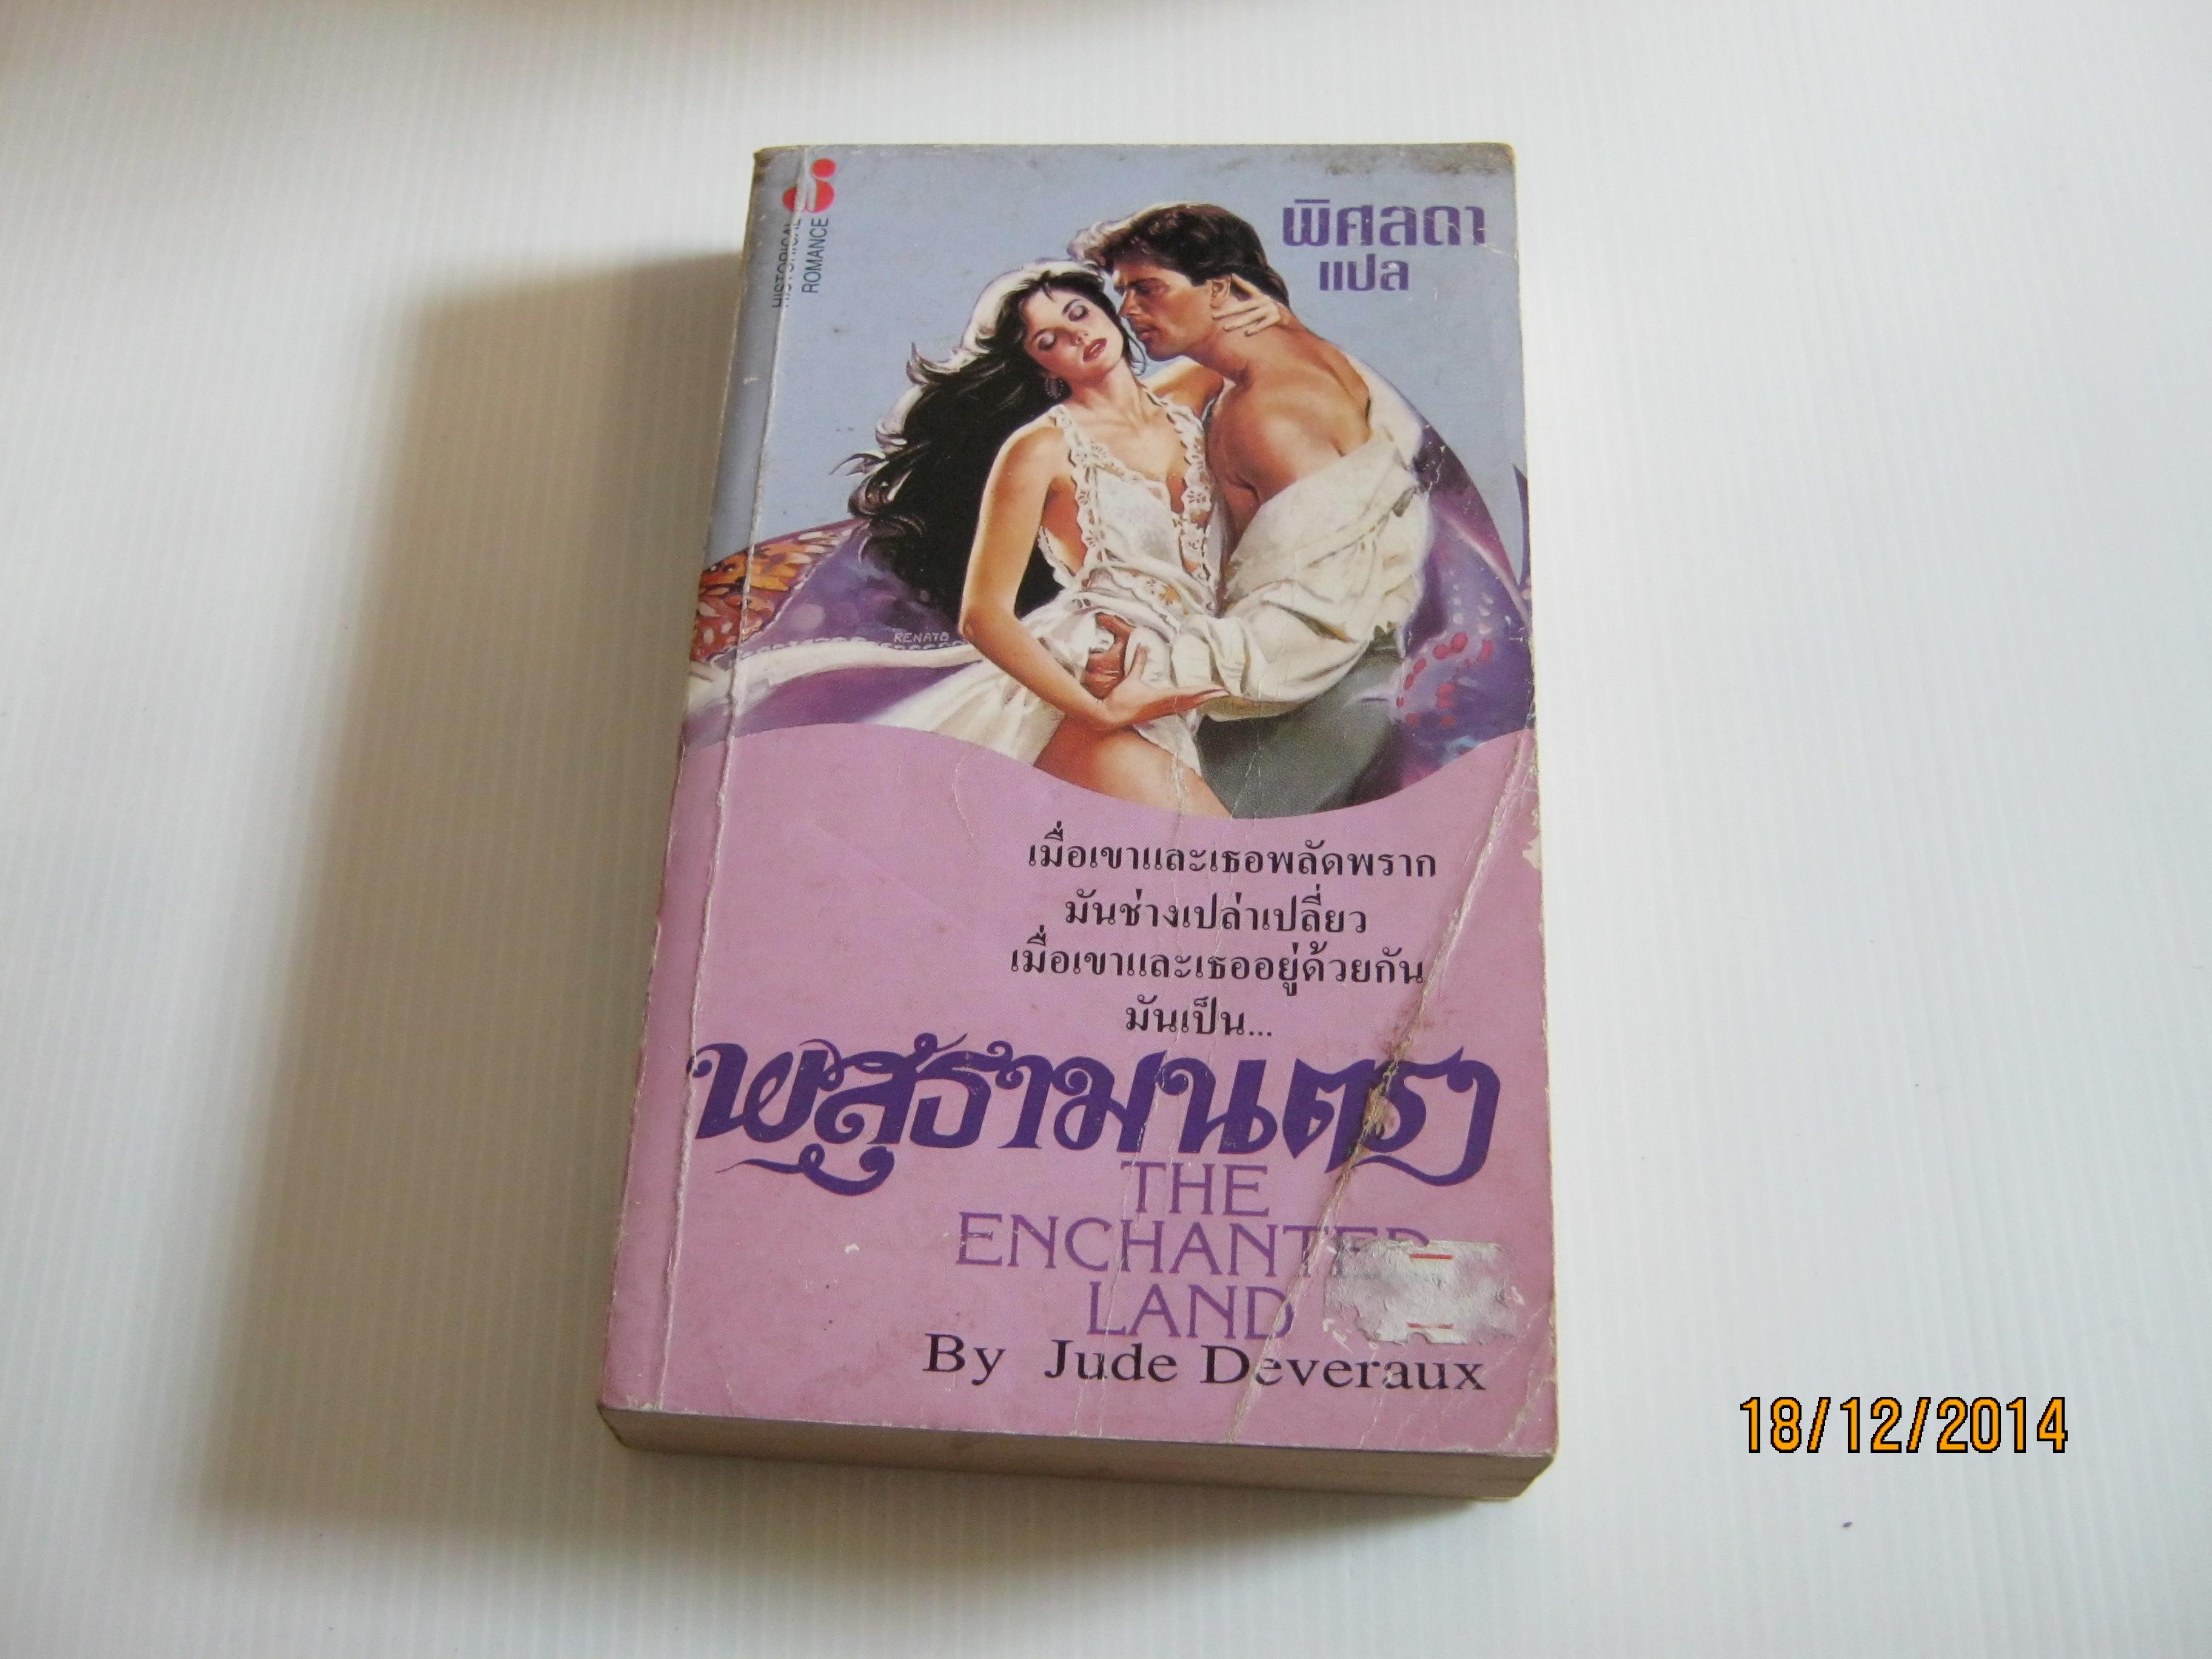 พสุธามนตรา (The Enchanted Land) Jude Deveraux เขียน พิศลดา แปล